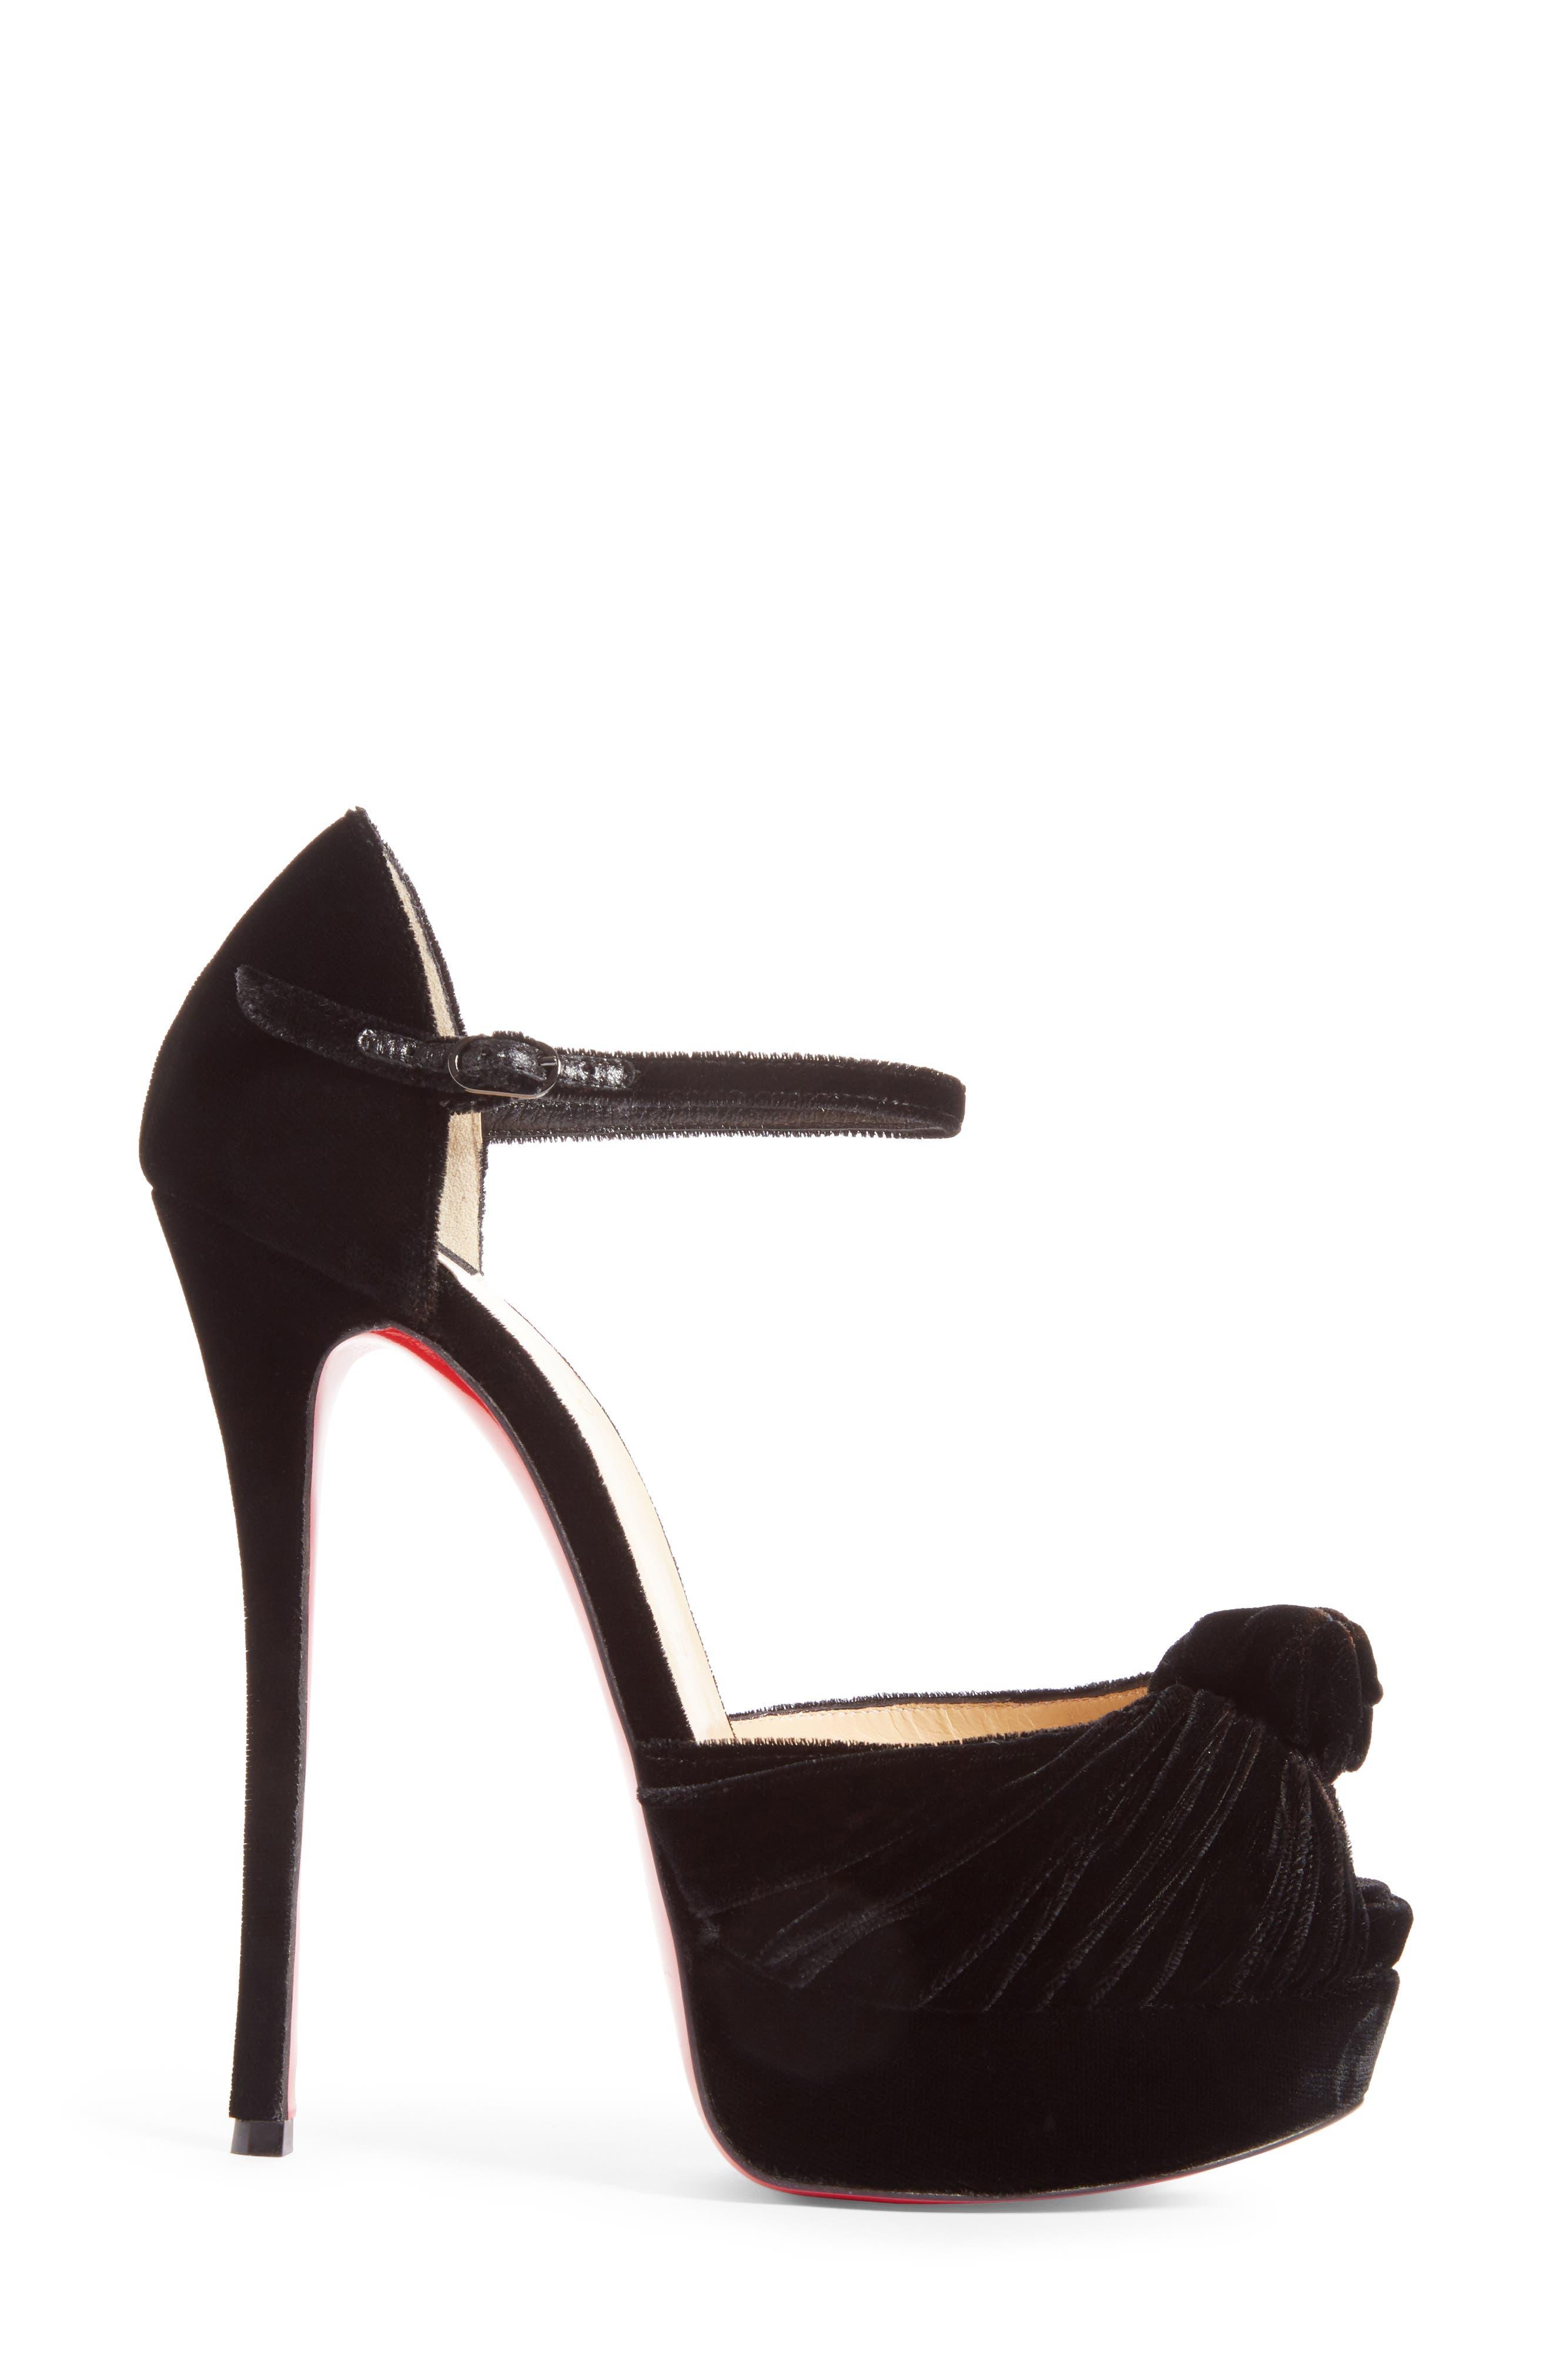 Marchavekel Ankle Strap Platform Sandal,                             Alternate thumbnail 3, color,                             001